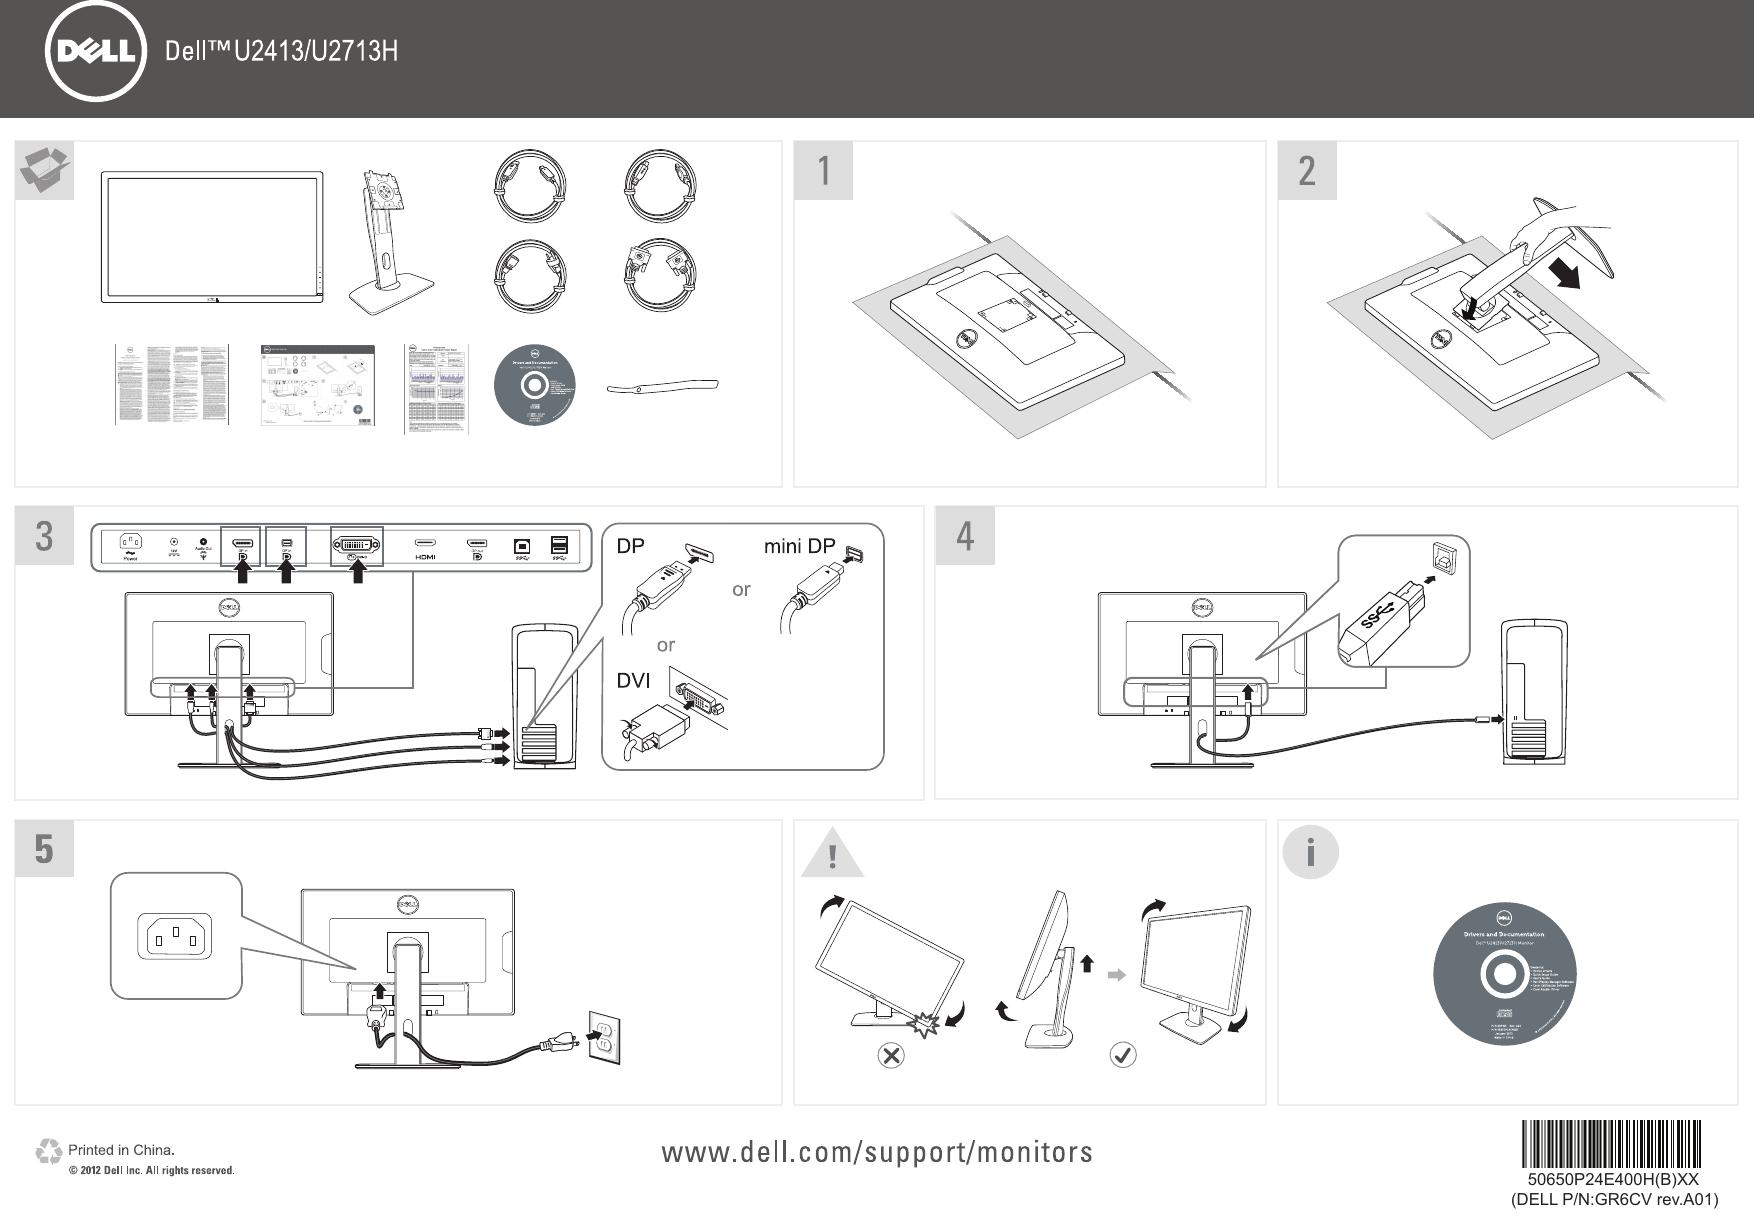 Dell u2413 Monitor クイックセットアップガイド User Manual その他の文書 Setup